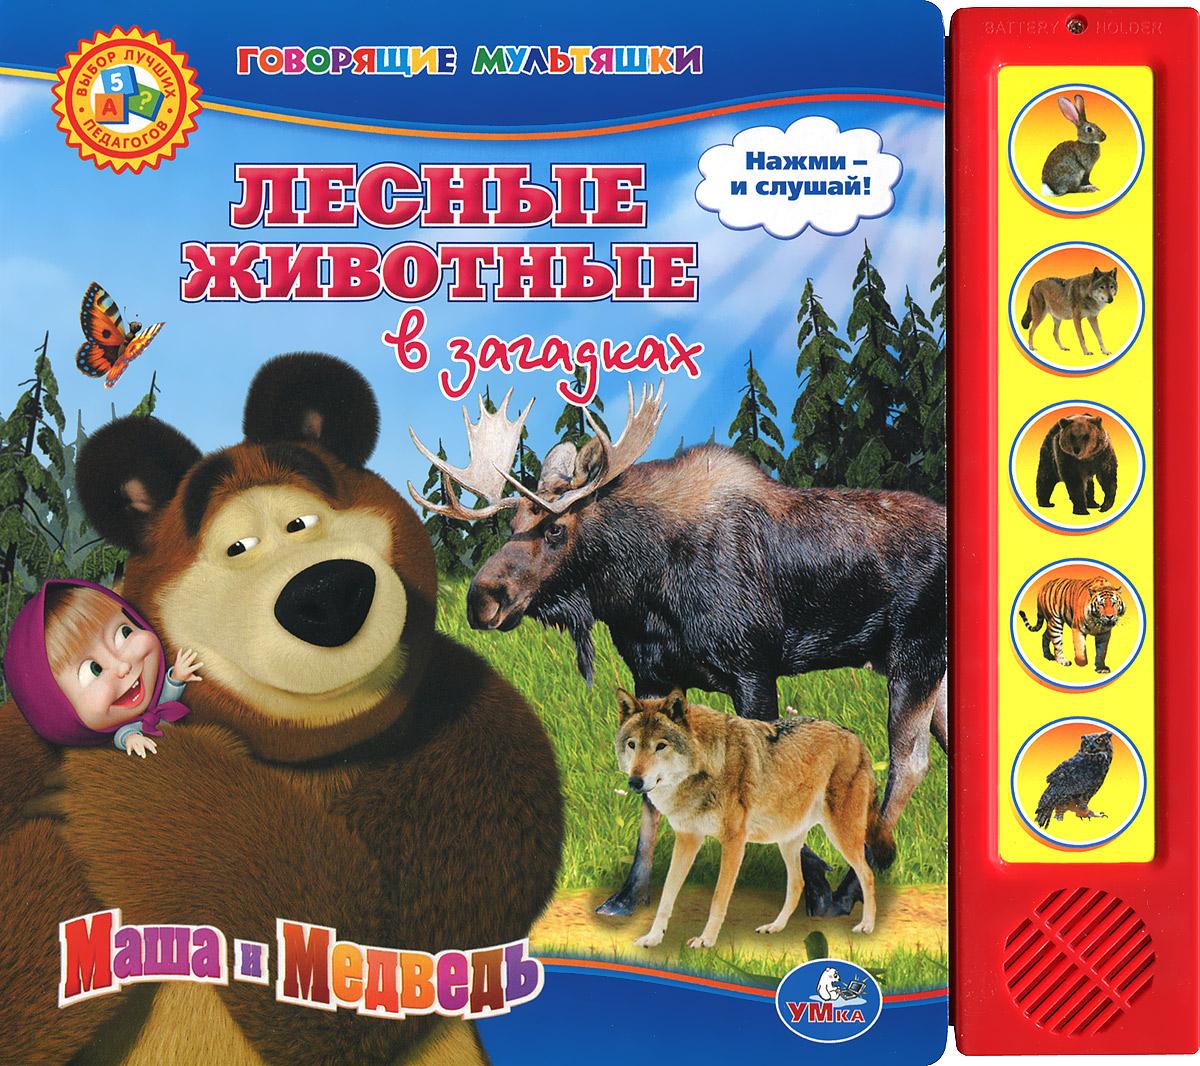 Маша и Медведь. Лесные животные в загадках. Книжка-игрушка